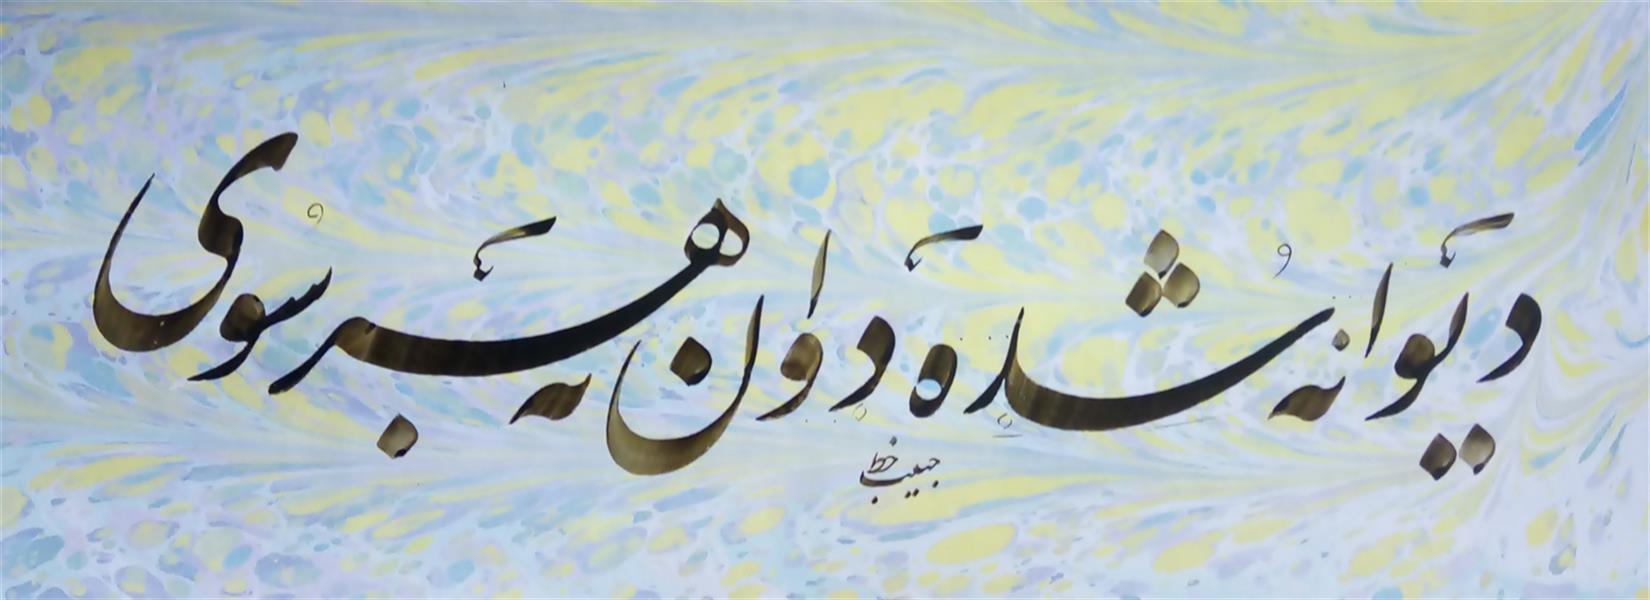 هنر خوشنویسی محفل خوشنویسی (Hghgallery(Habib Ghanbari سعدی دیوانه شده دوان به هر سوی خط حبیب قنبری اسفند ماه 1397 اجرا بر روی کاغذ ابروباد با قلم 8میل